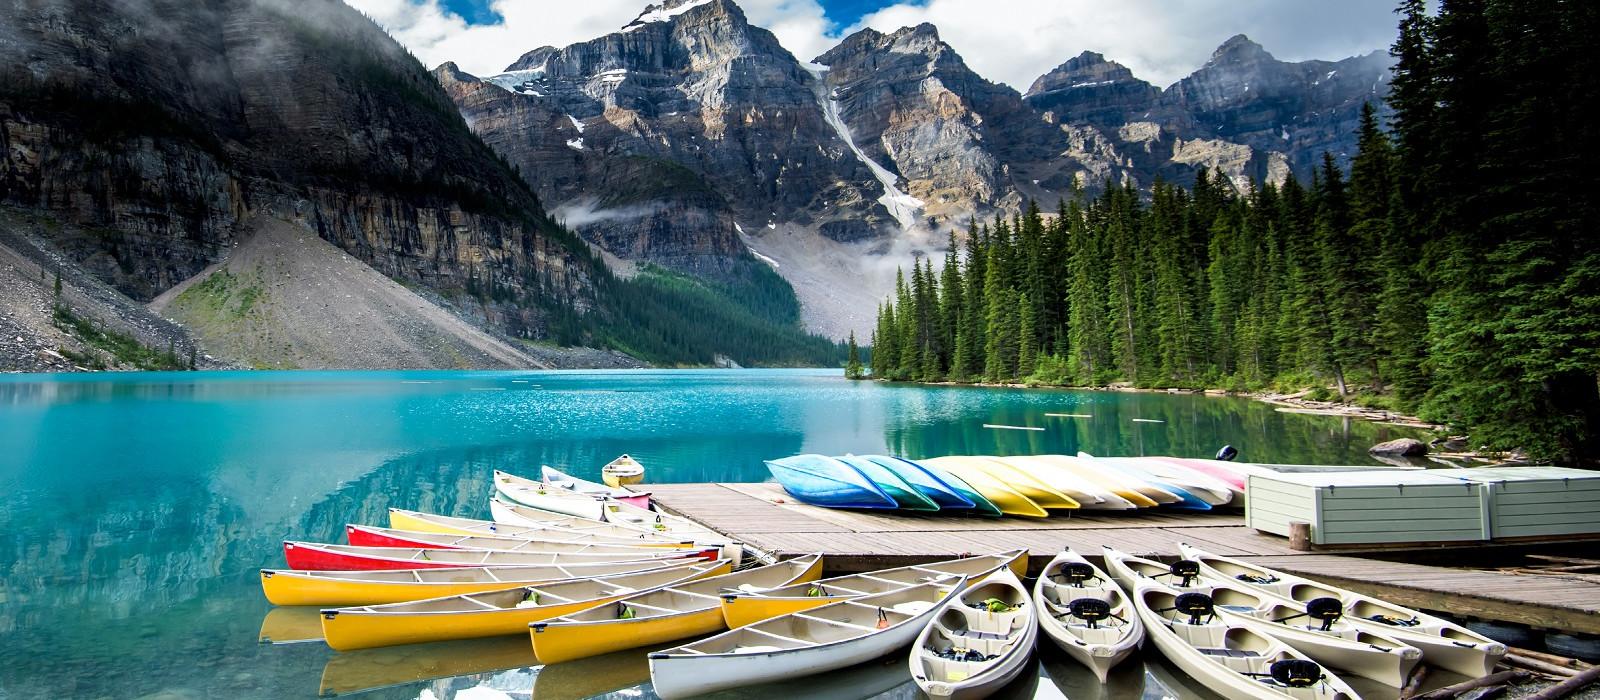 Kanadas Höhepunkte mit dem Rocky Mountaineer Urlaub 1